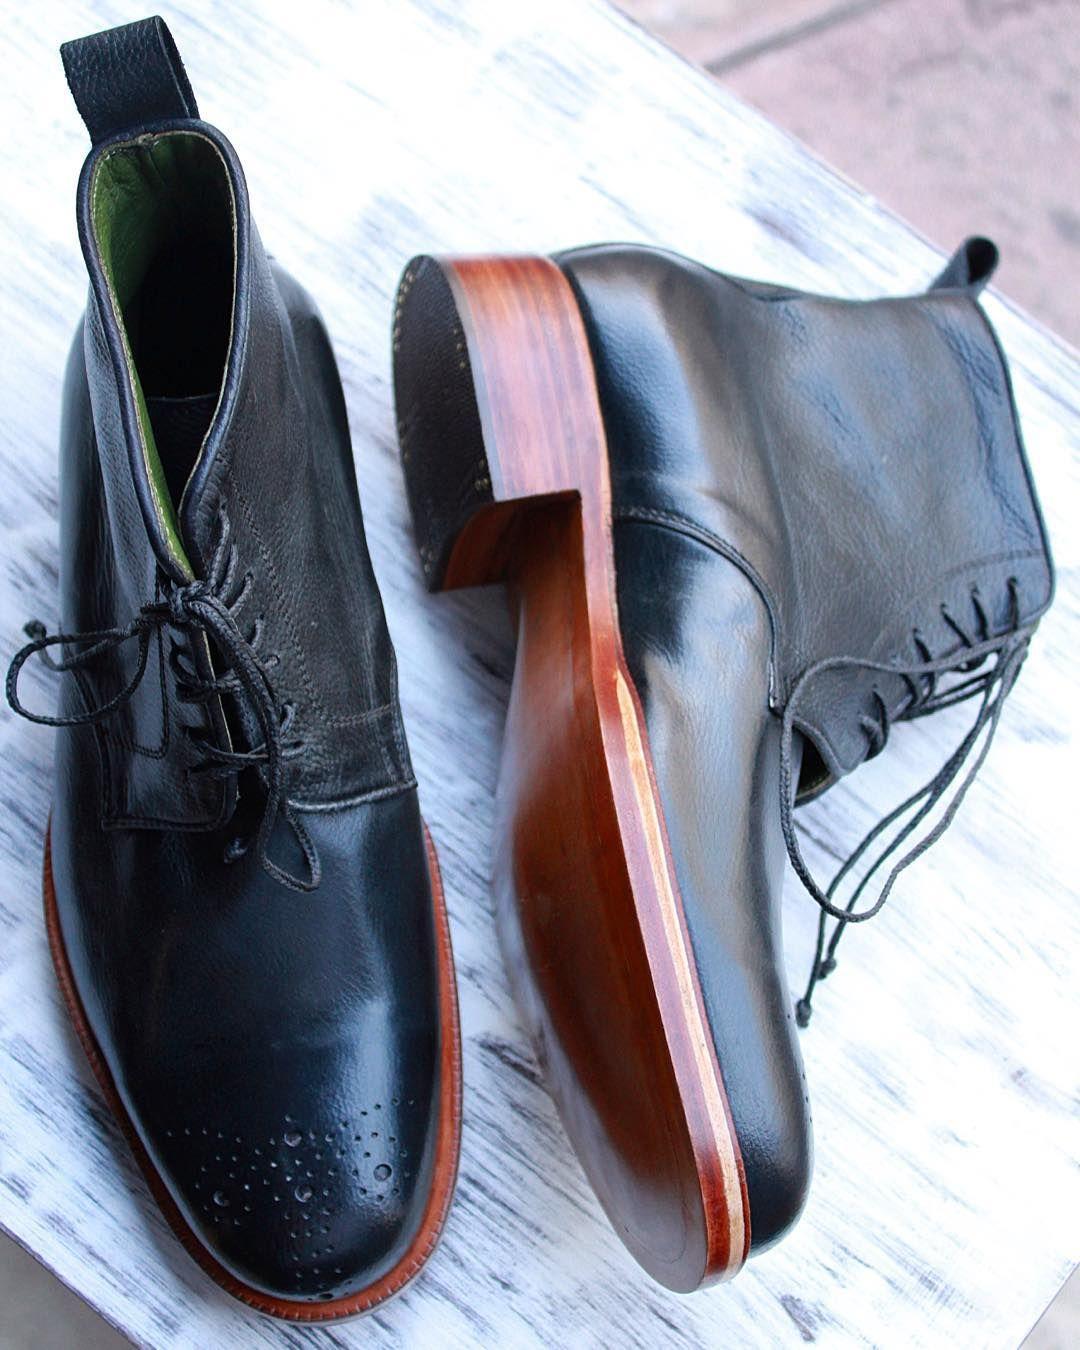 """""""#castezermili #shoemaker #bespoke #shoes #shoeporn #shoesaddict #shoesoftheday #boots #mensboots #fashion #trendy #menswear #mensstyle #mensfashion…"""""""